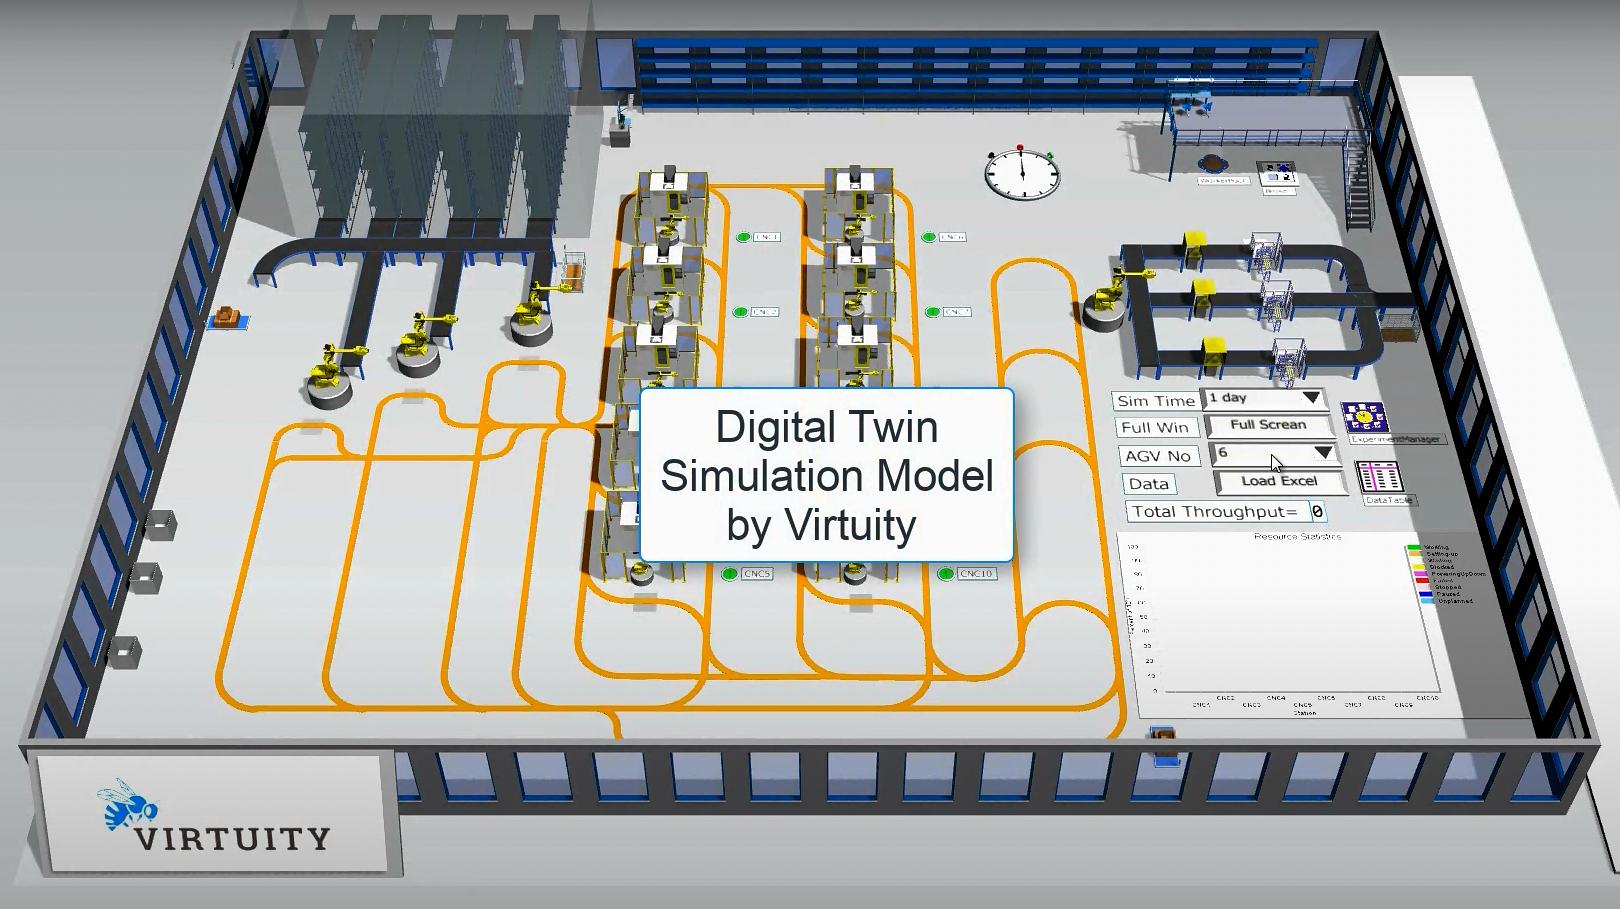 Virtuity dostarcza Digital Twin - symulacje, cyfrowego bliźniaka